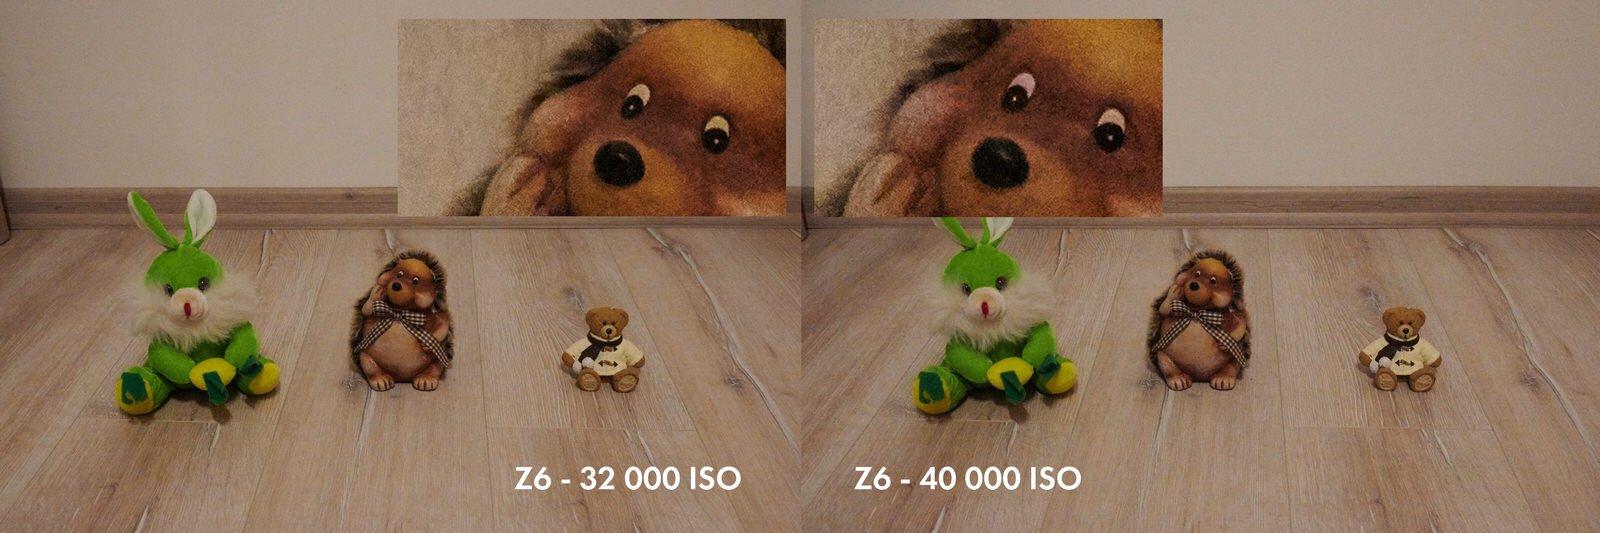 Recenzja Nikon Z6 w fotografii ślubnej | Porównanie do Nikona D750 16